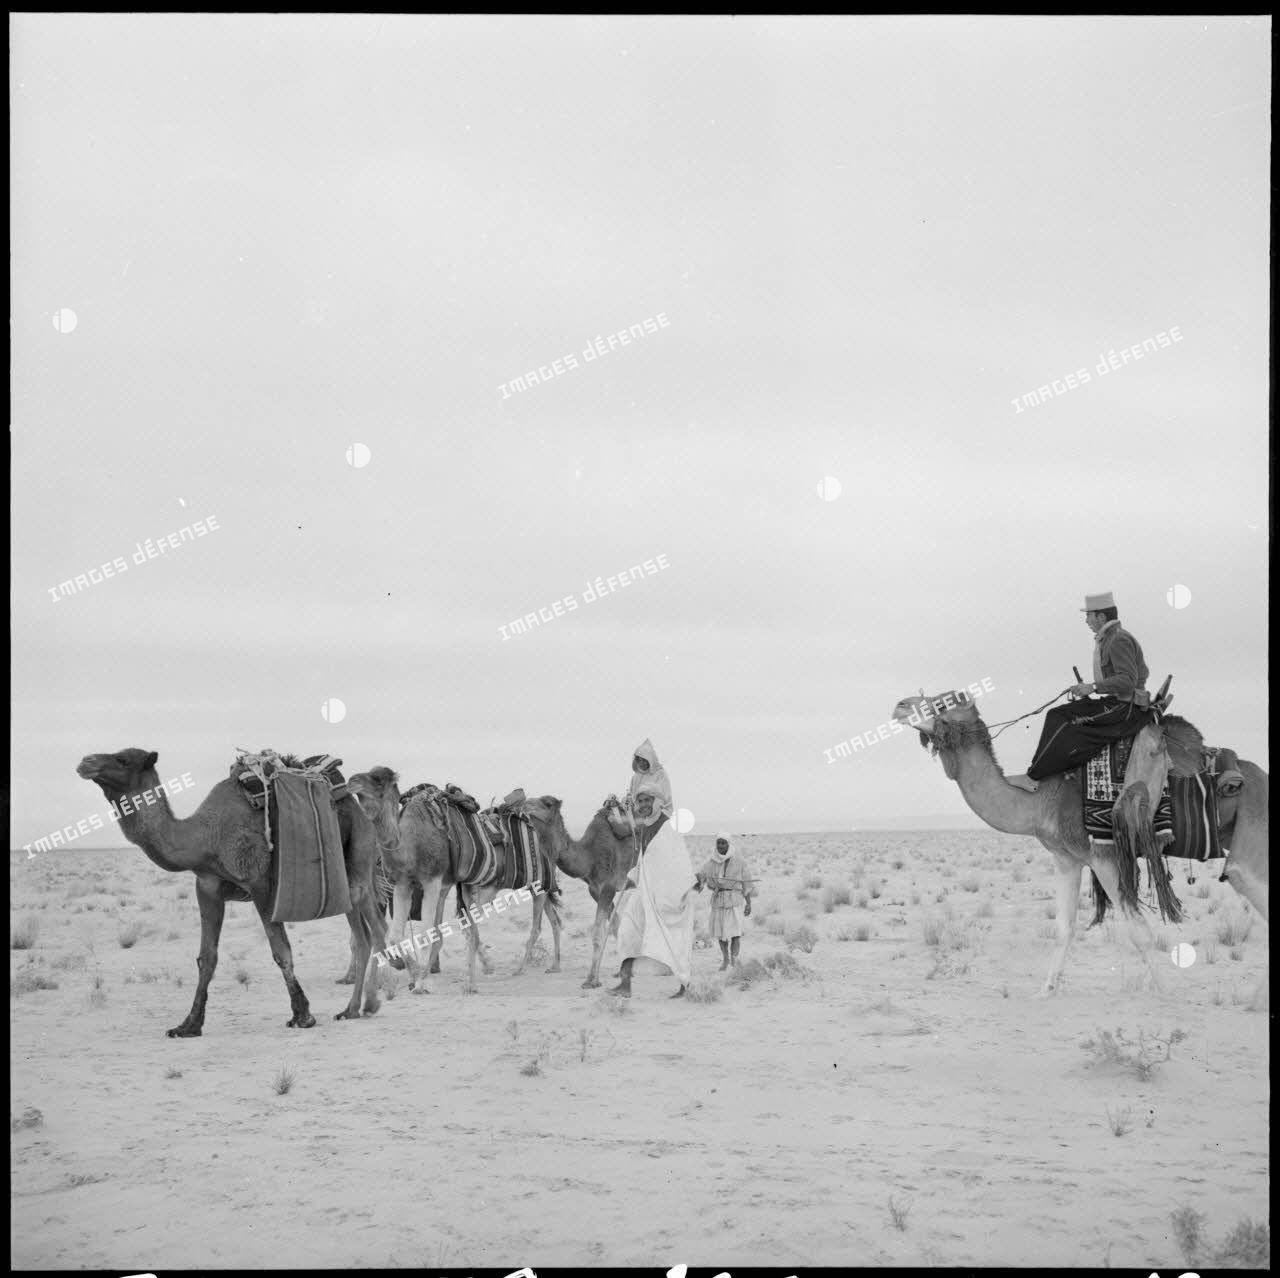 La patrouille de méharistes de la compagnie méhariste de l'erg oriental (CMEO) laisse repartir une caravane après un contrôle dans la région d'El Oued.